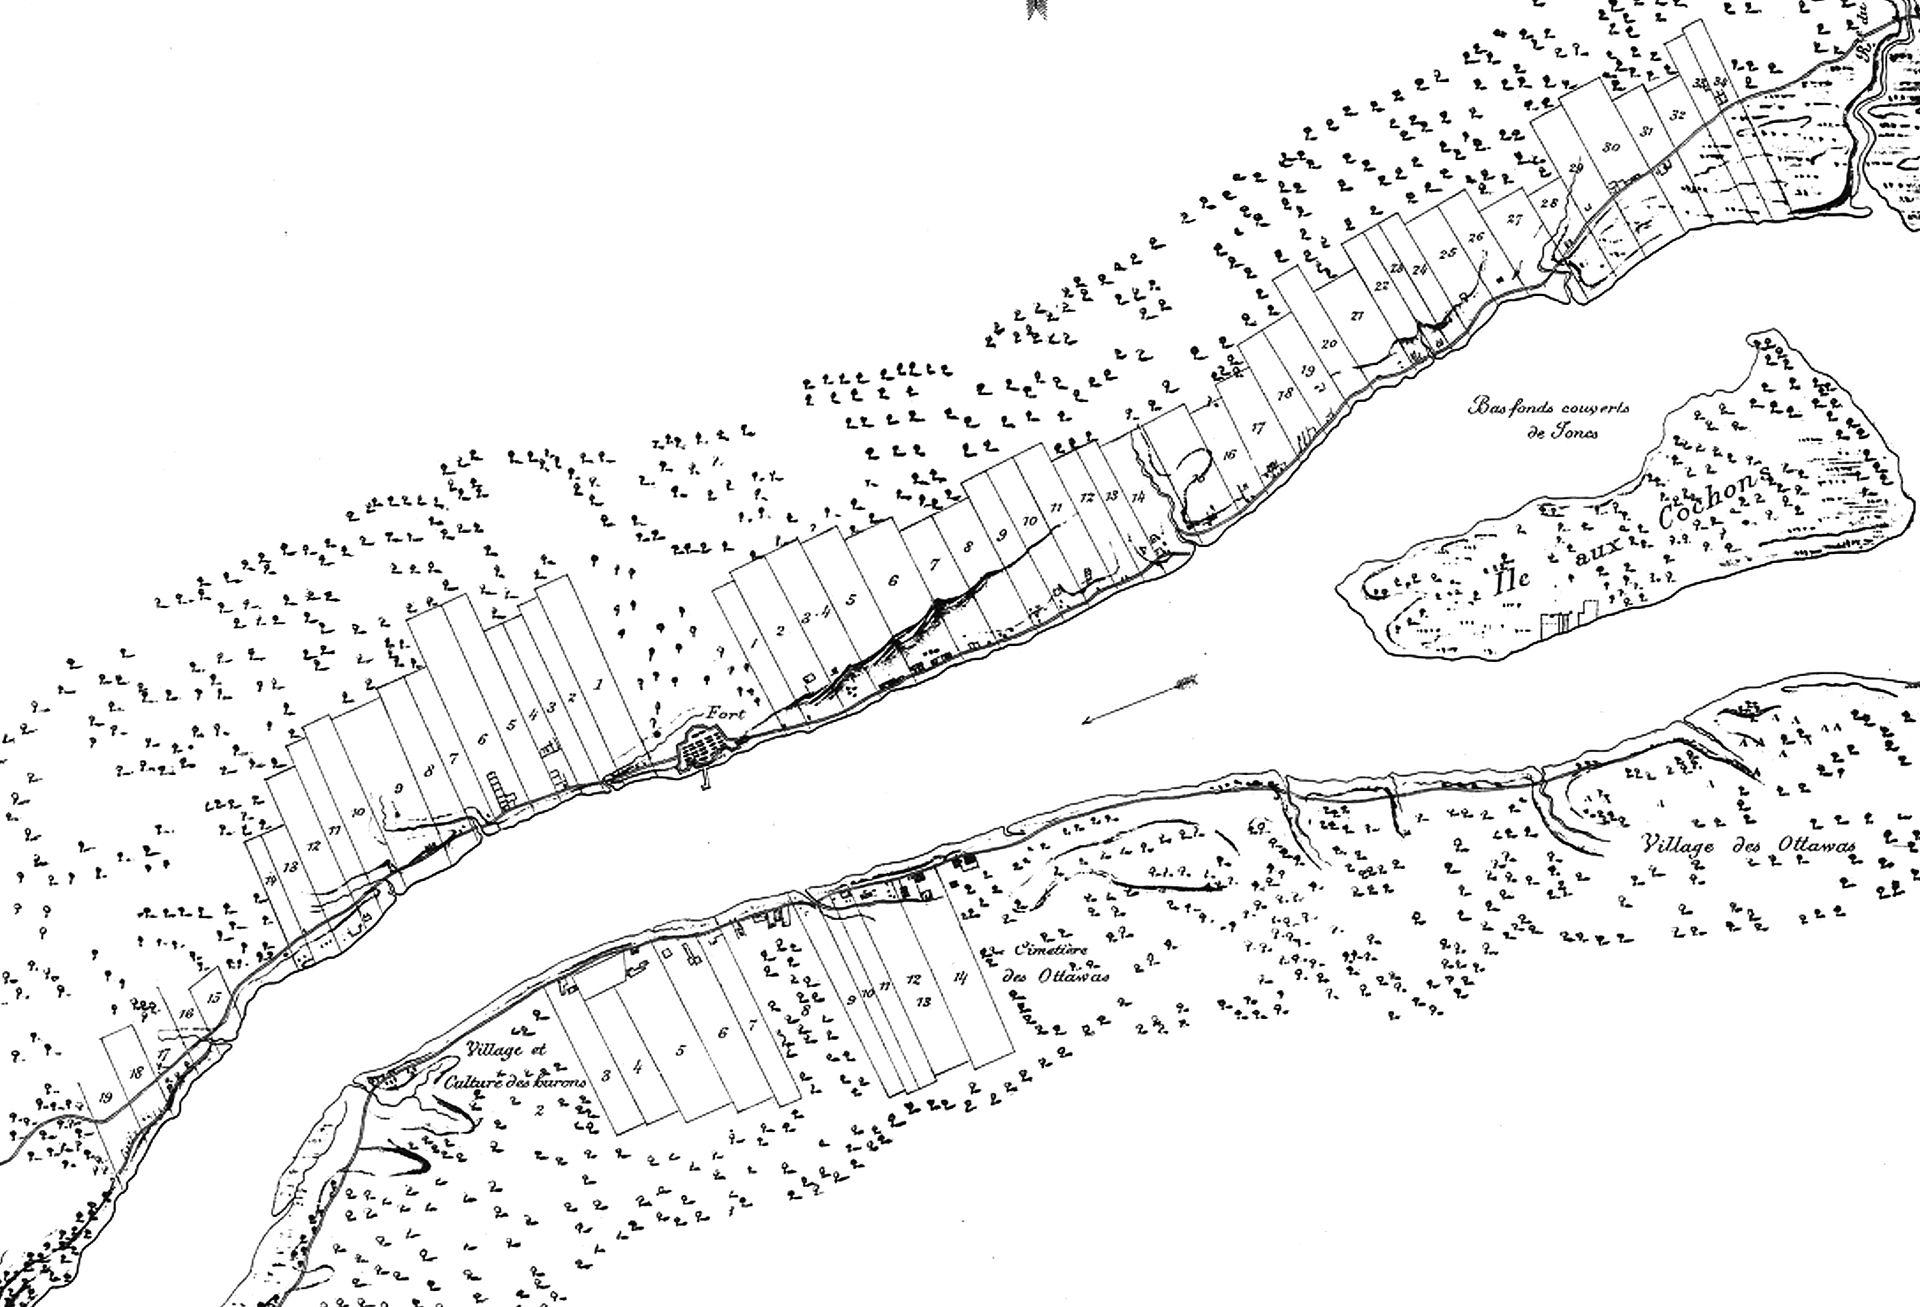 Detroit1796 - Escapade à belle Isle